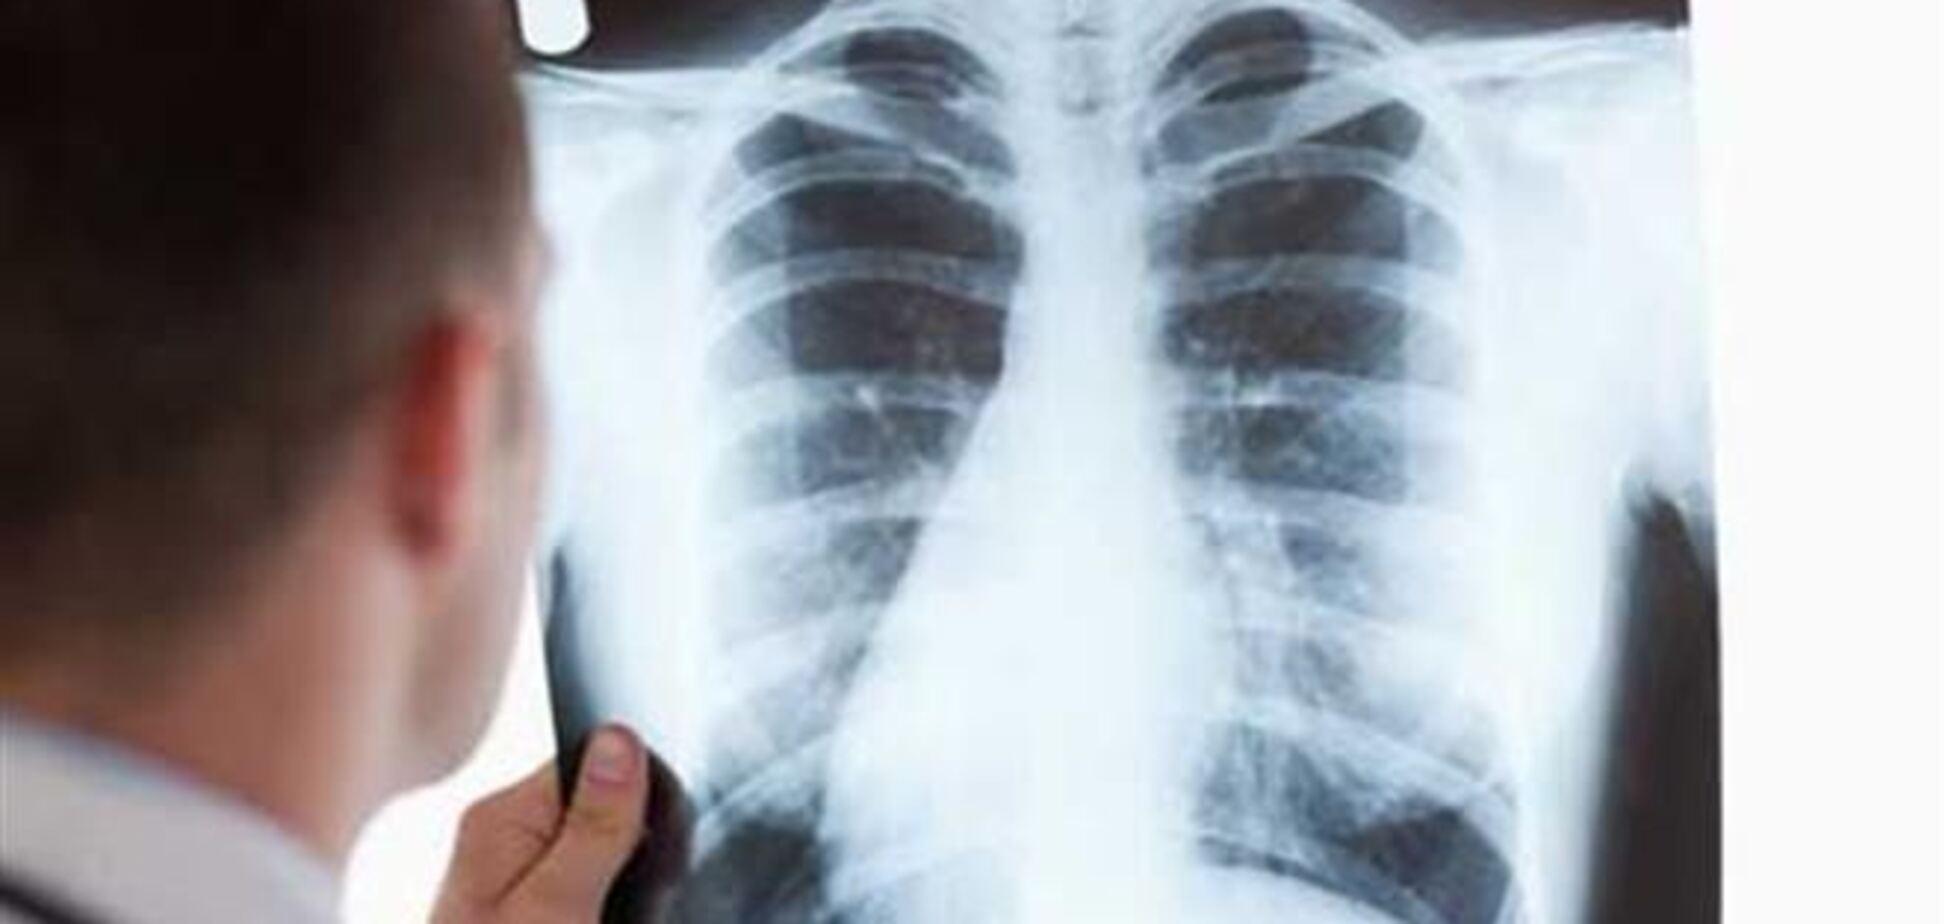 Туберкулез в 2012 году убил 1,3 млн человек